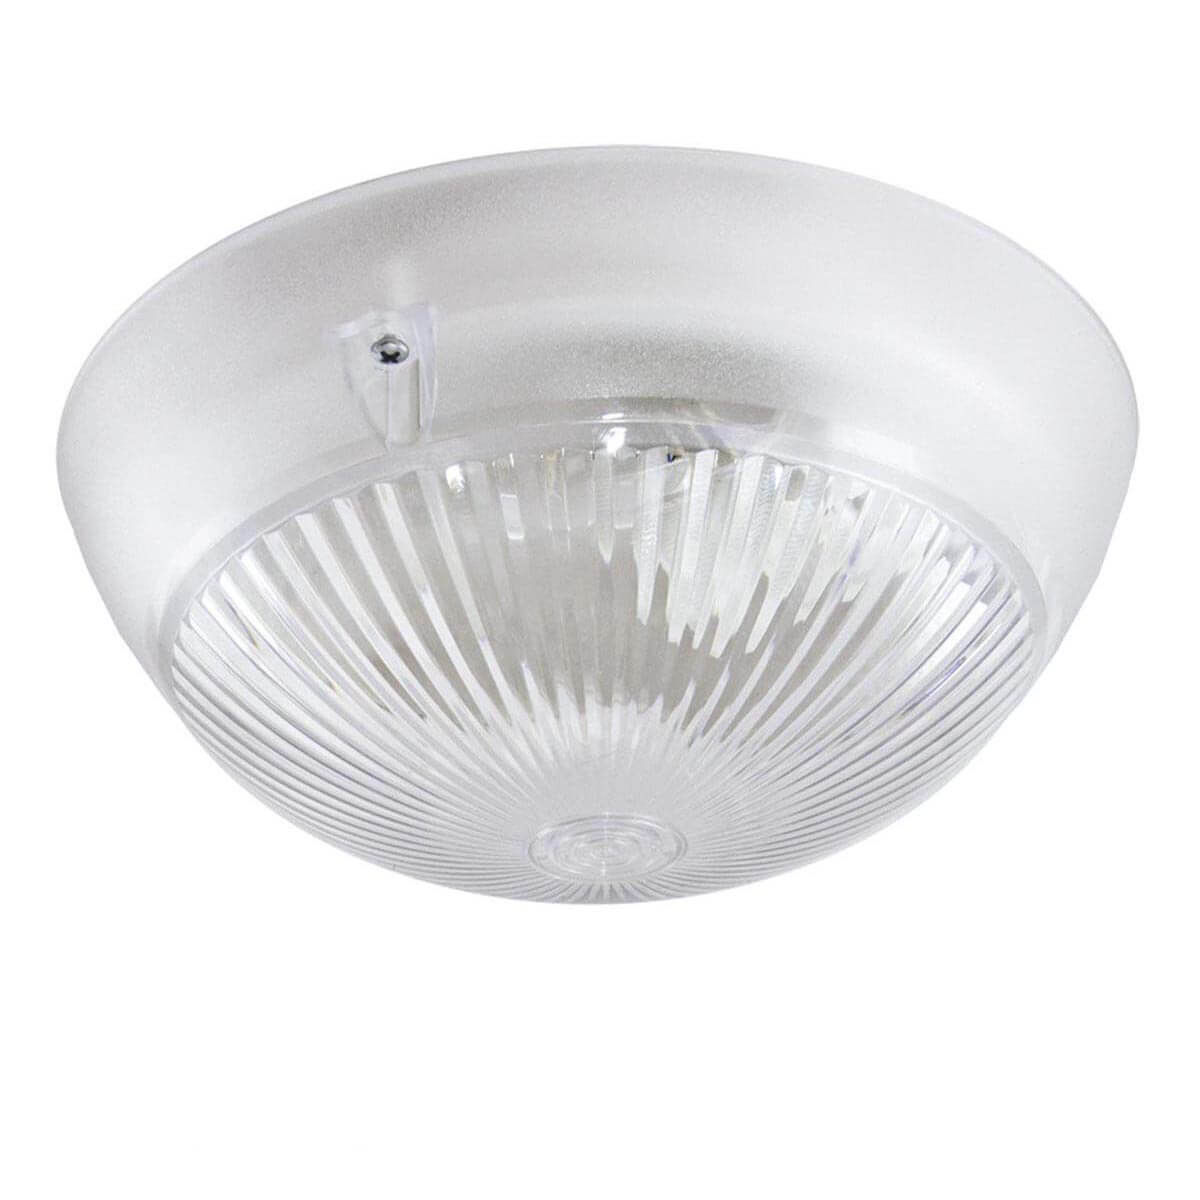 Светильник ЭРА НБП 06-60-101 Сириус (Фото-шумовой датчик)